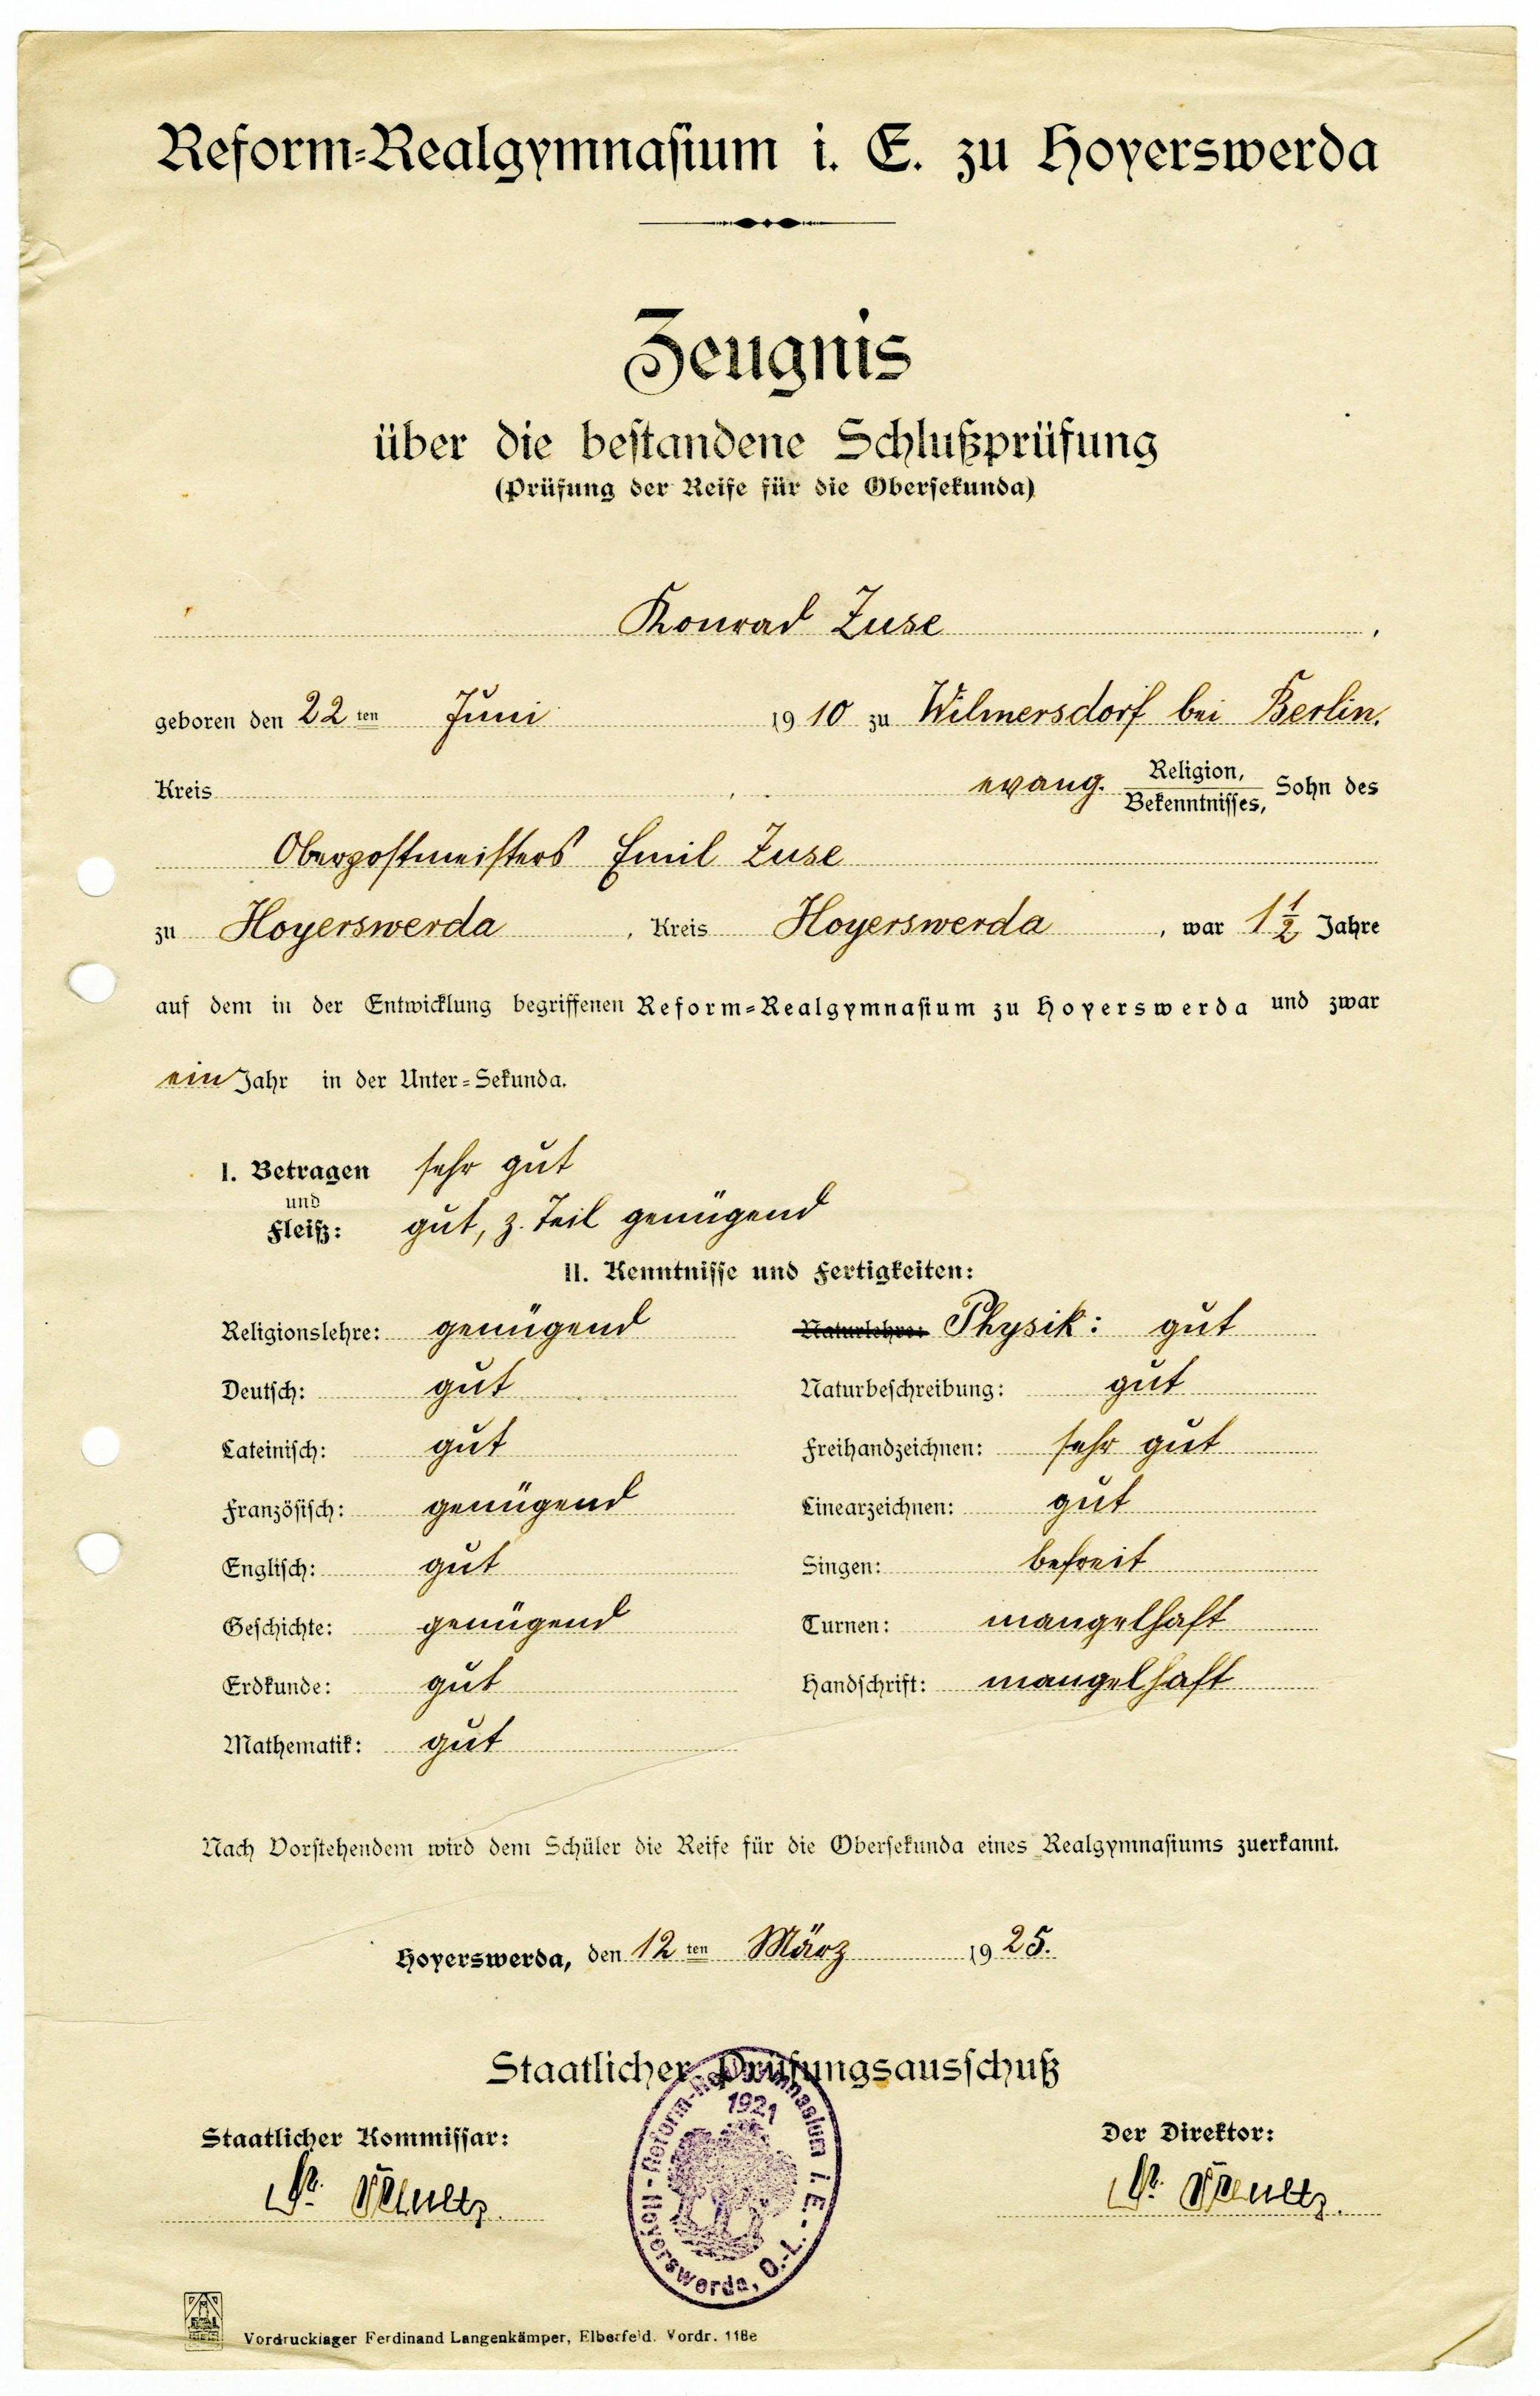 """Konrad Zuses Zeugnis des Reform-Realgymnasiums Hoyerswerda vom 12. März 1925:Die Lehrer benoteten den Fünfzehnjährigen in den meisten Fächern mit """"gut"""" oder """"befriedigend"""", in Freihandzeichnen sogar mit """"sehr gut"""", während sie seine Leistungen in Turnen und Schreiben mit """"mangelhaft"""" bewerteten. Vom Singen war Zuse sogar befreit."""